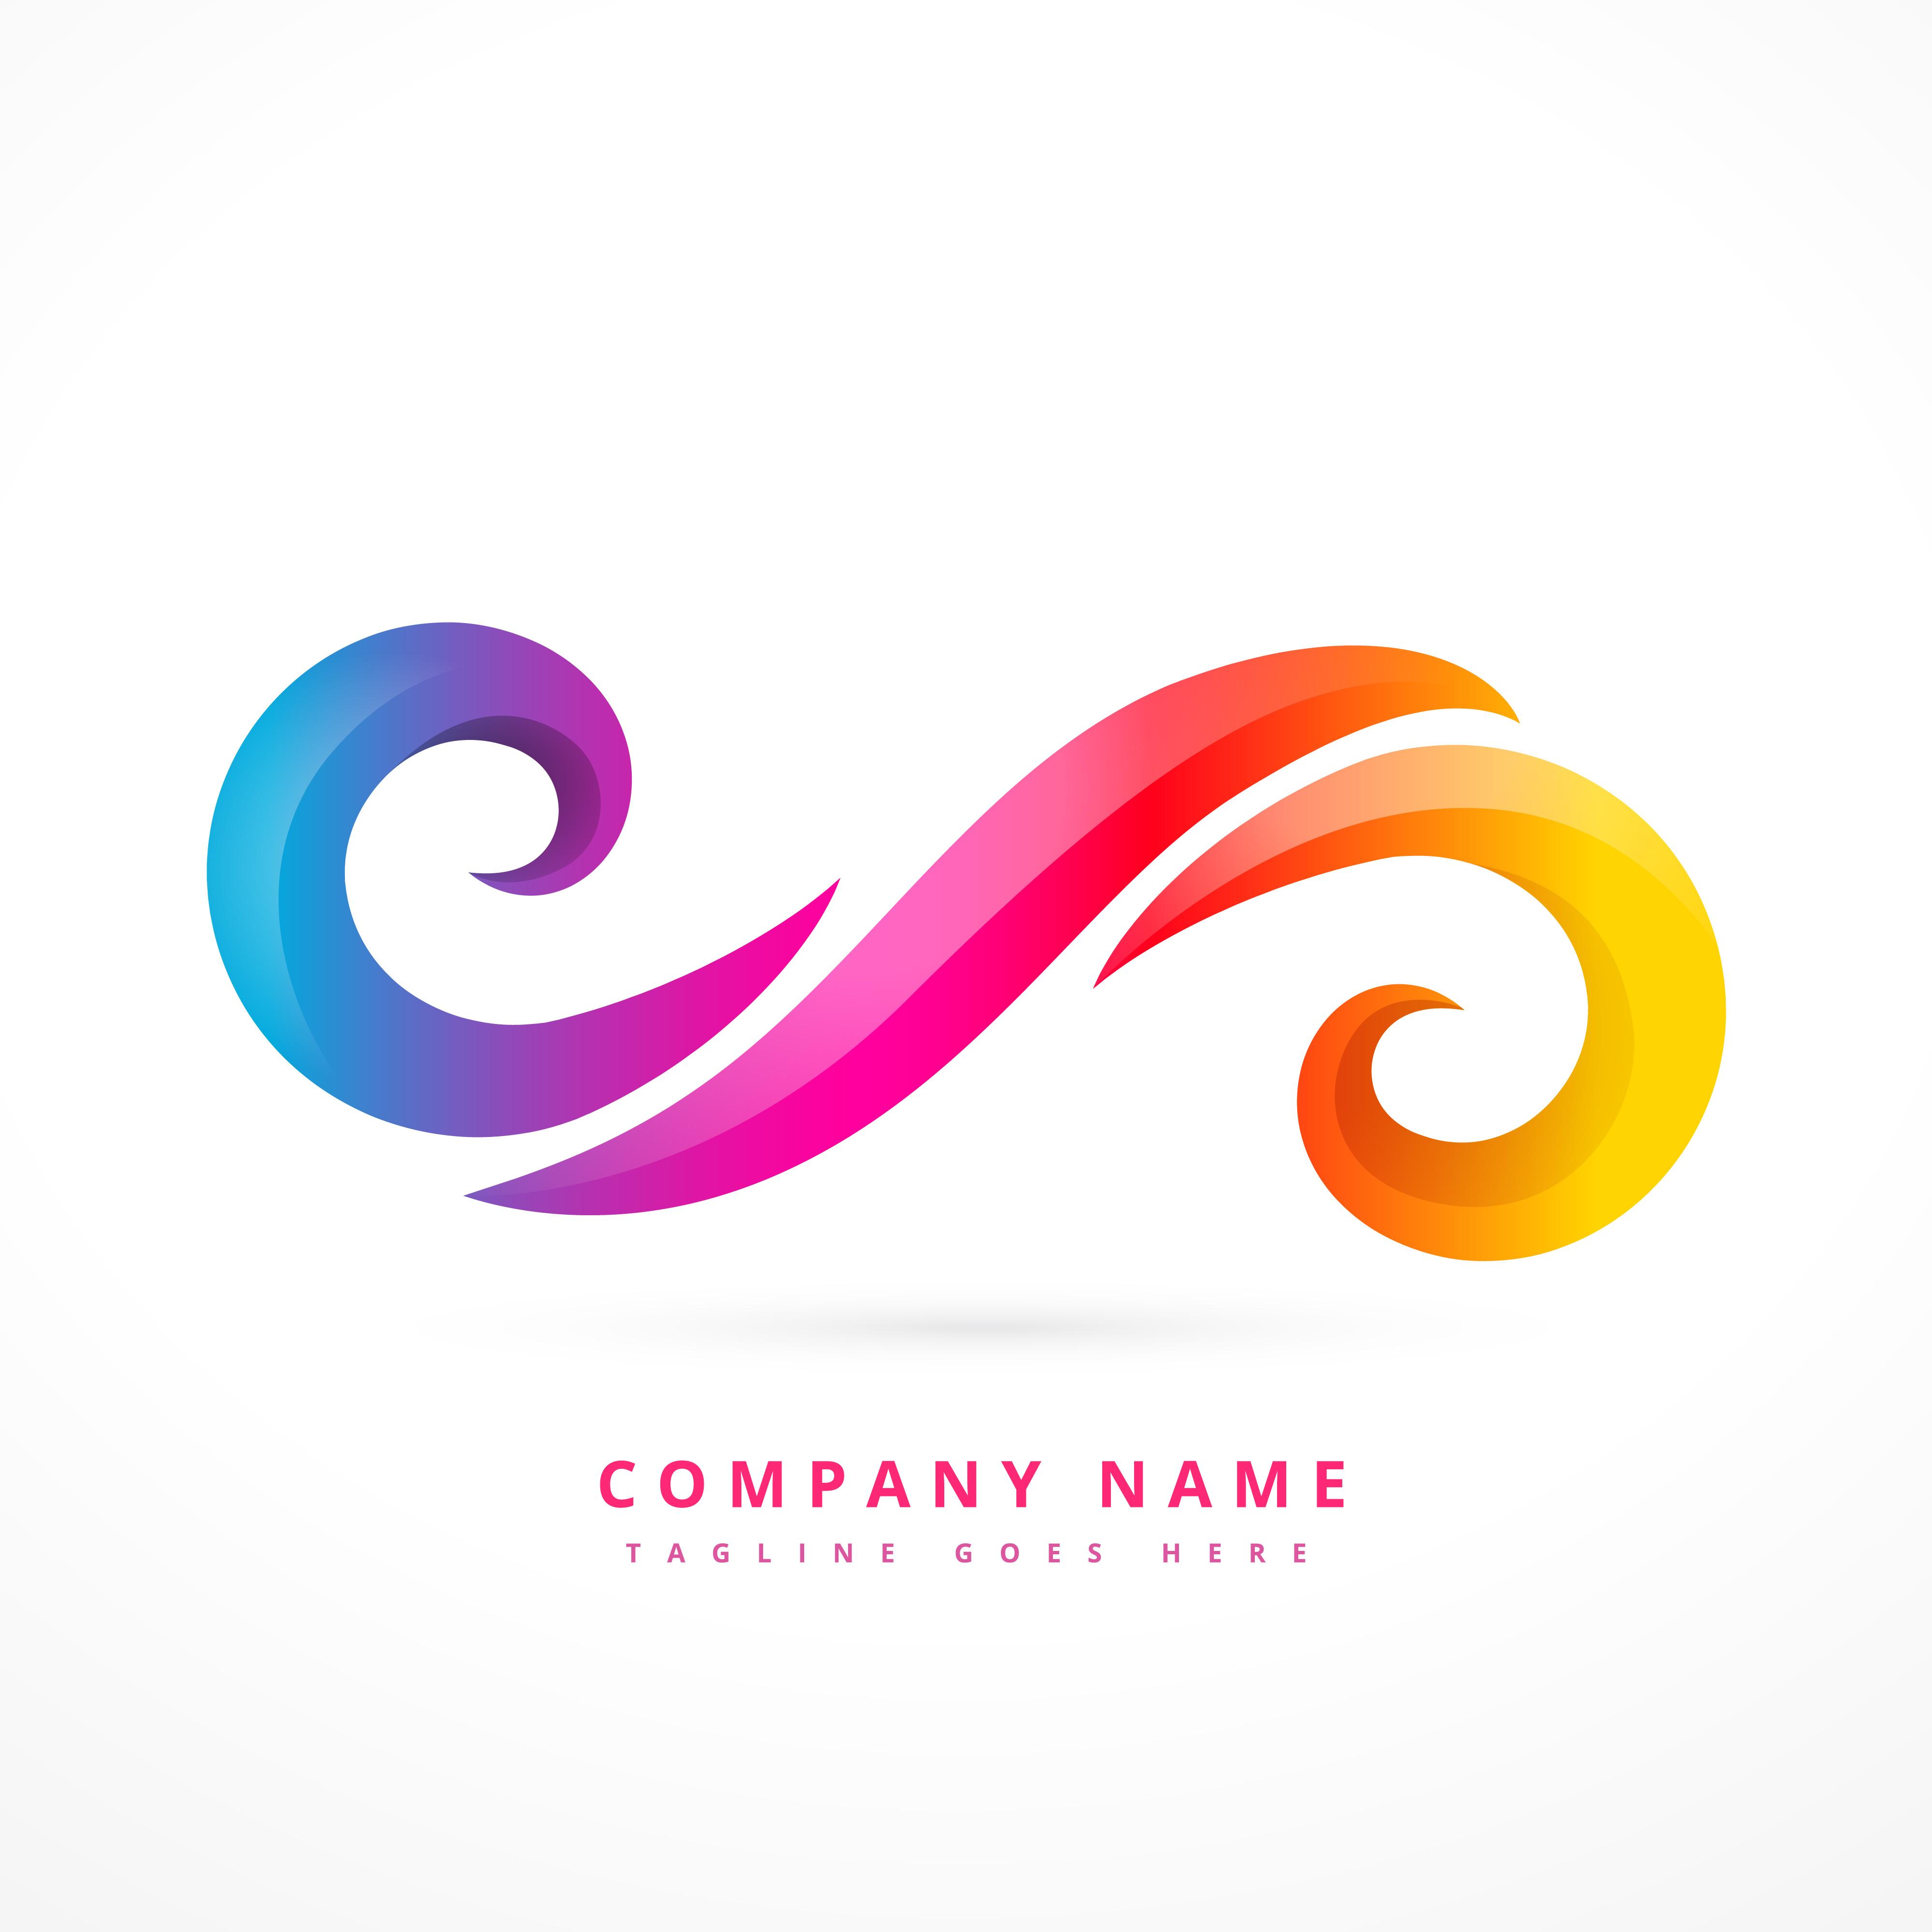 Free Logo Design - (75847 Free Downloads)